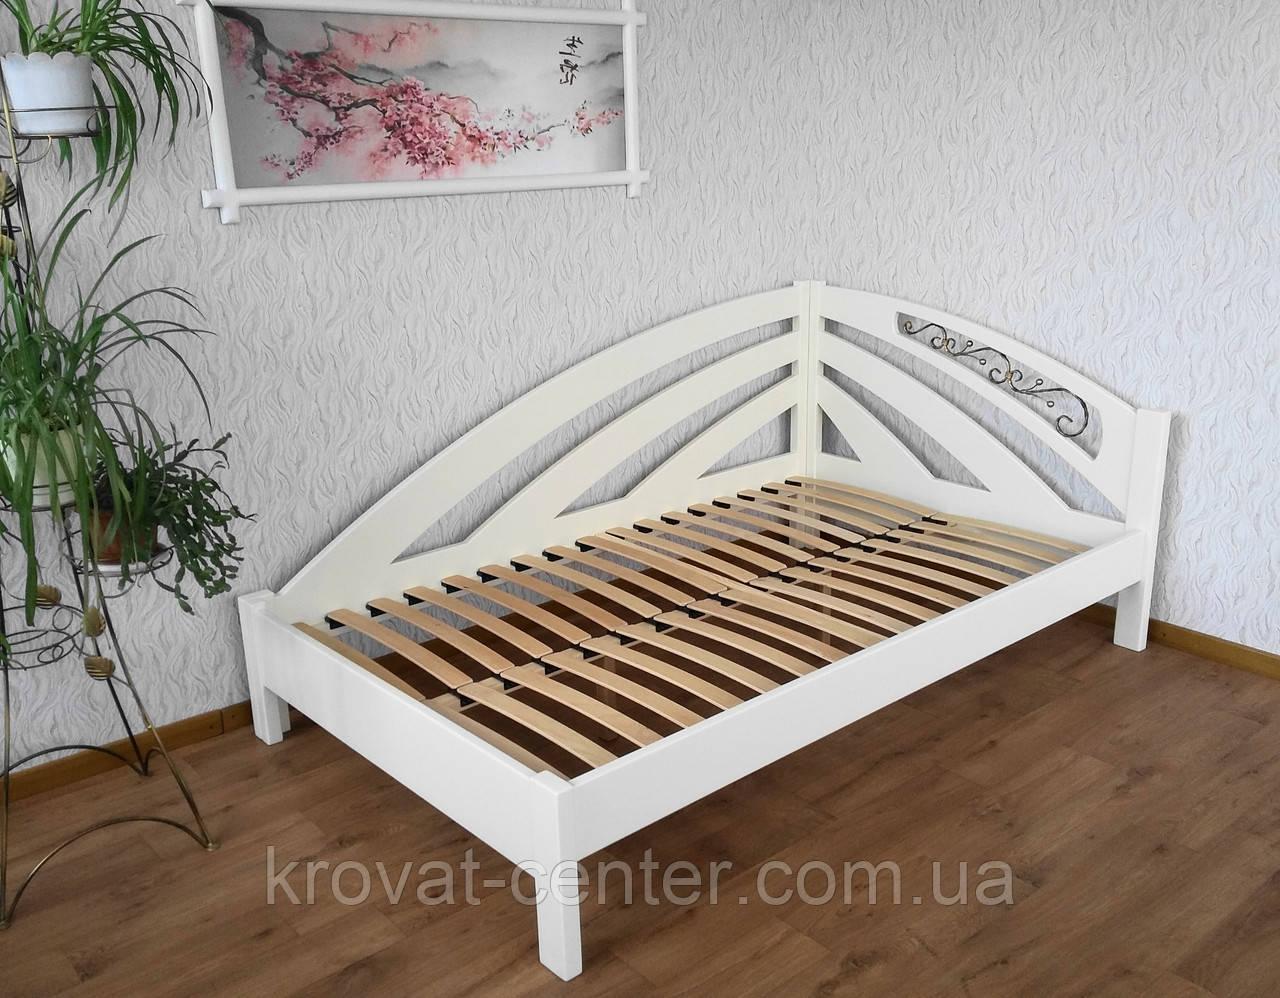 """Белая двуспальная кровать из массива натурального дерева """"Радуга"""" угловая"""